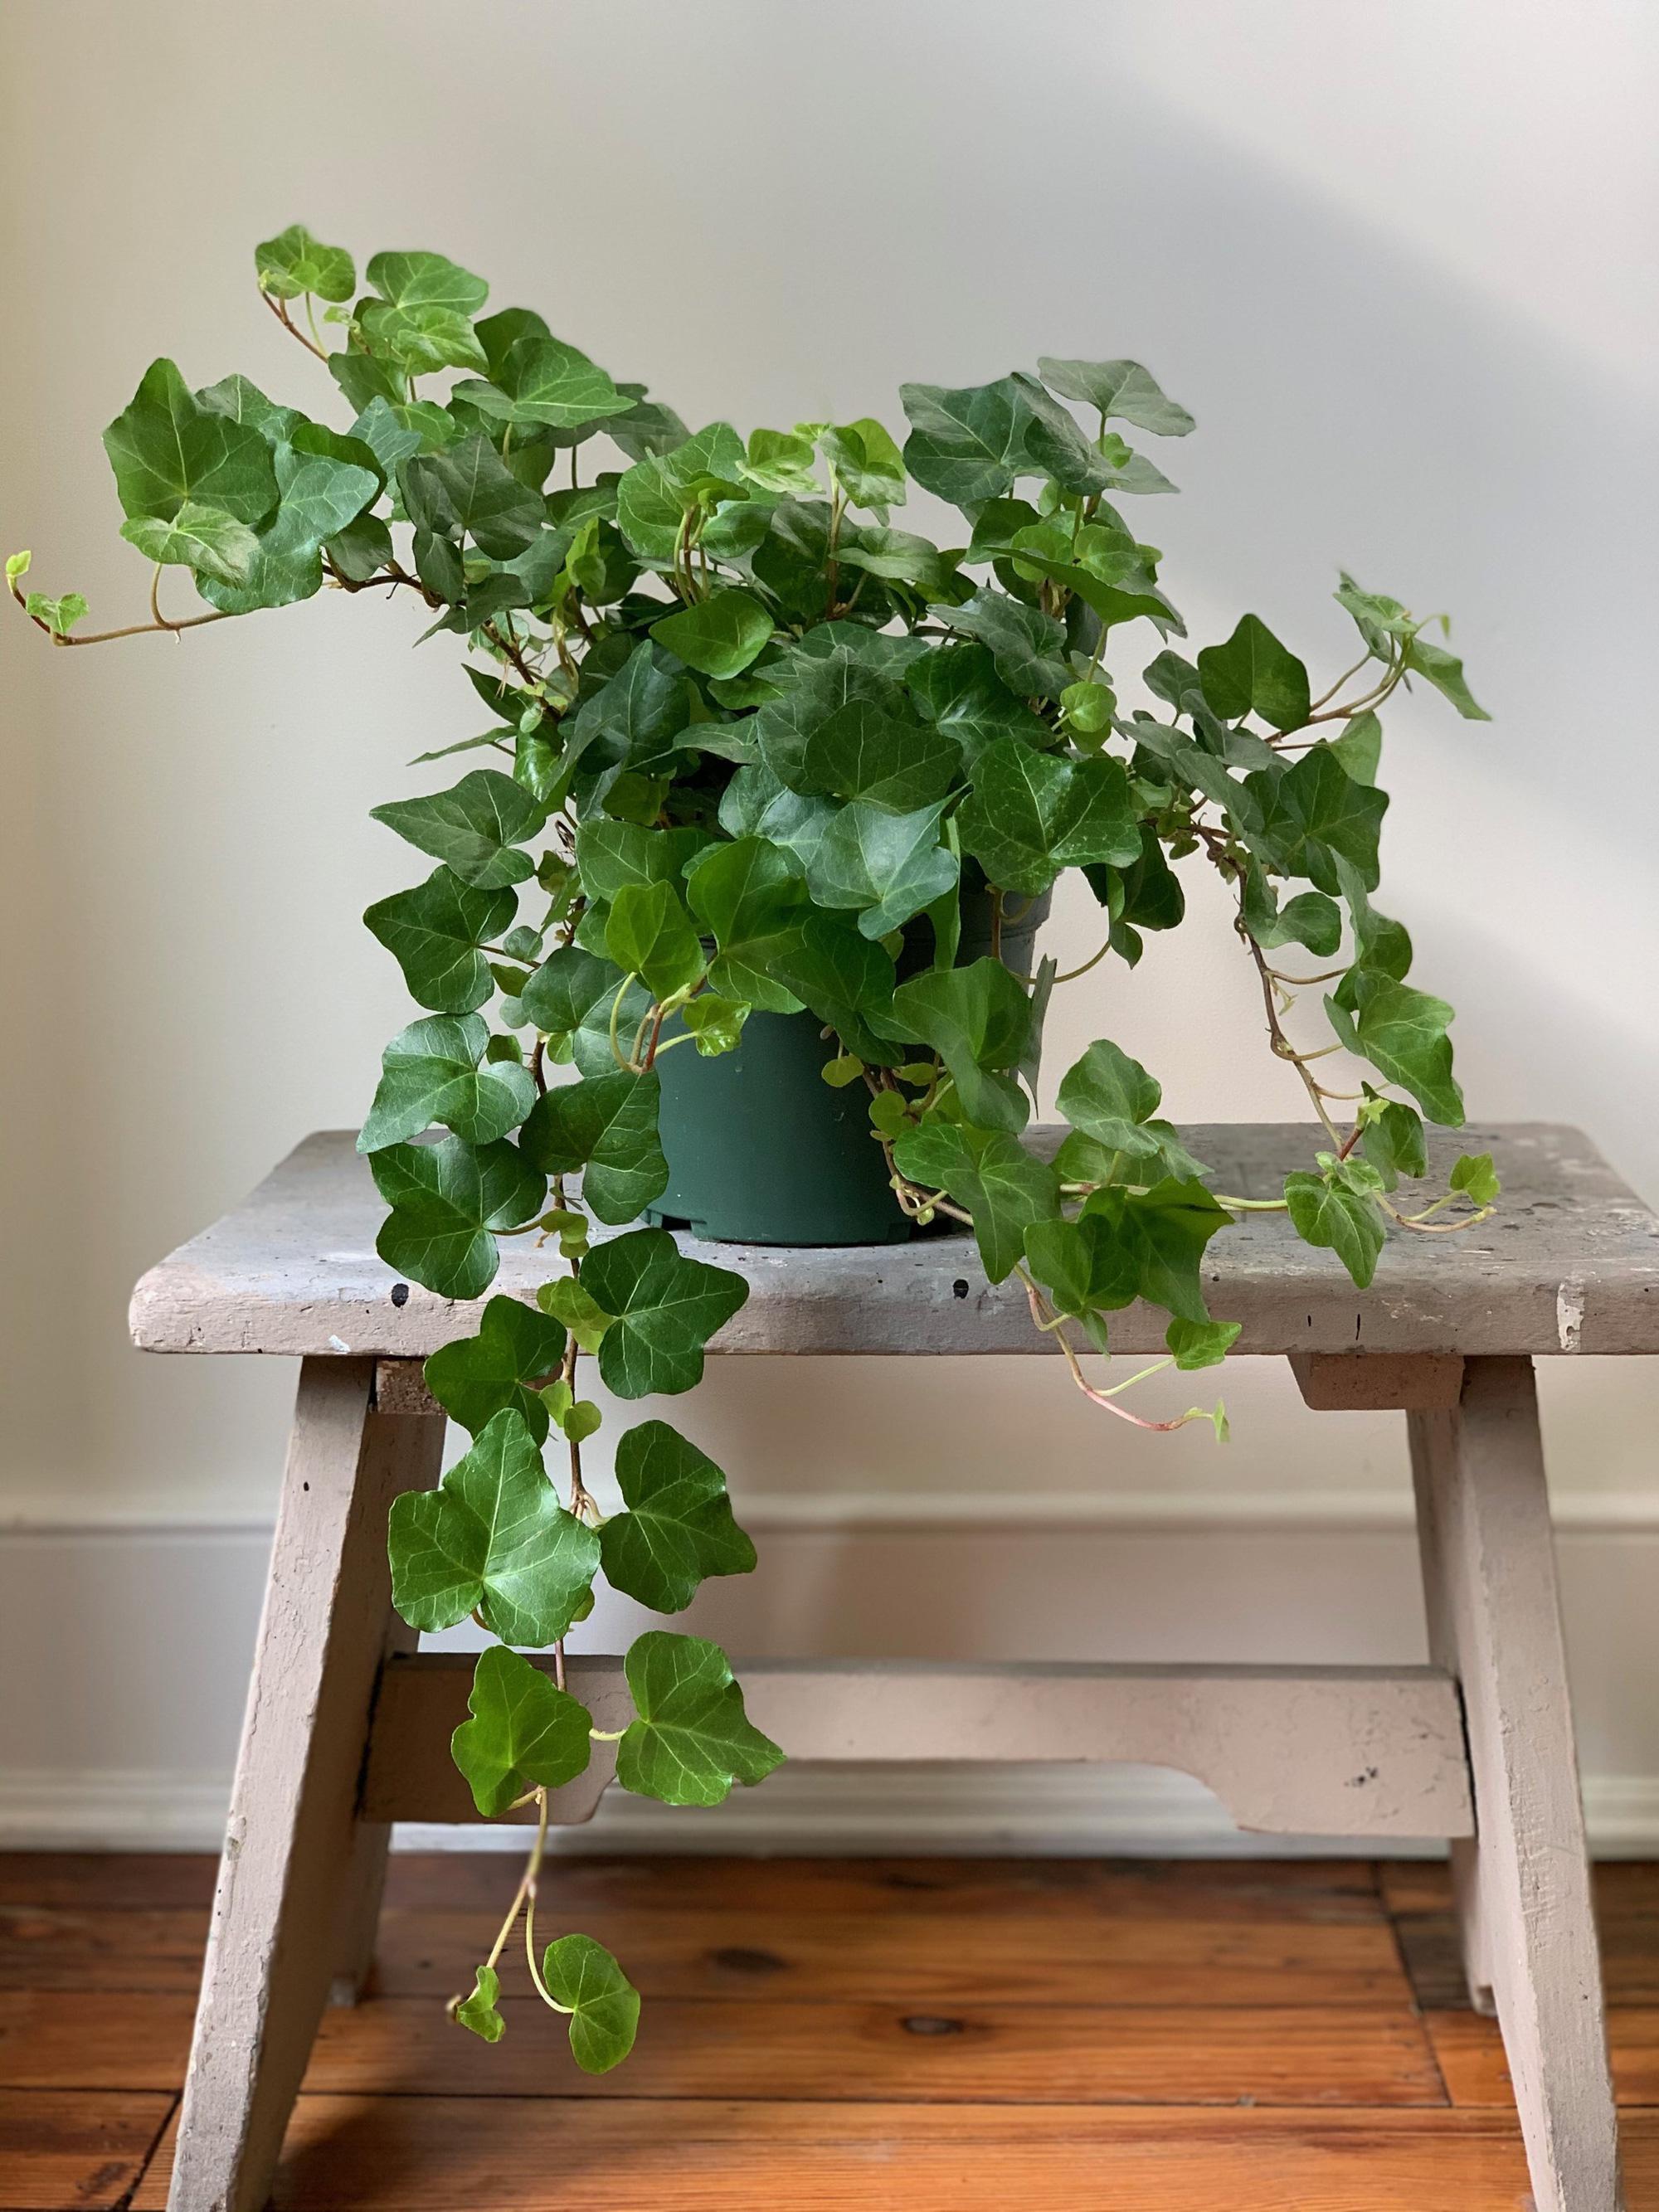 Tập hợp những loại cây trồng trong nhà được NASA gợi ý để cải thiện sức khỏe - Ảnh 1.